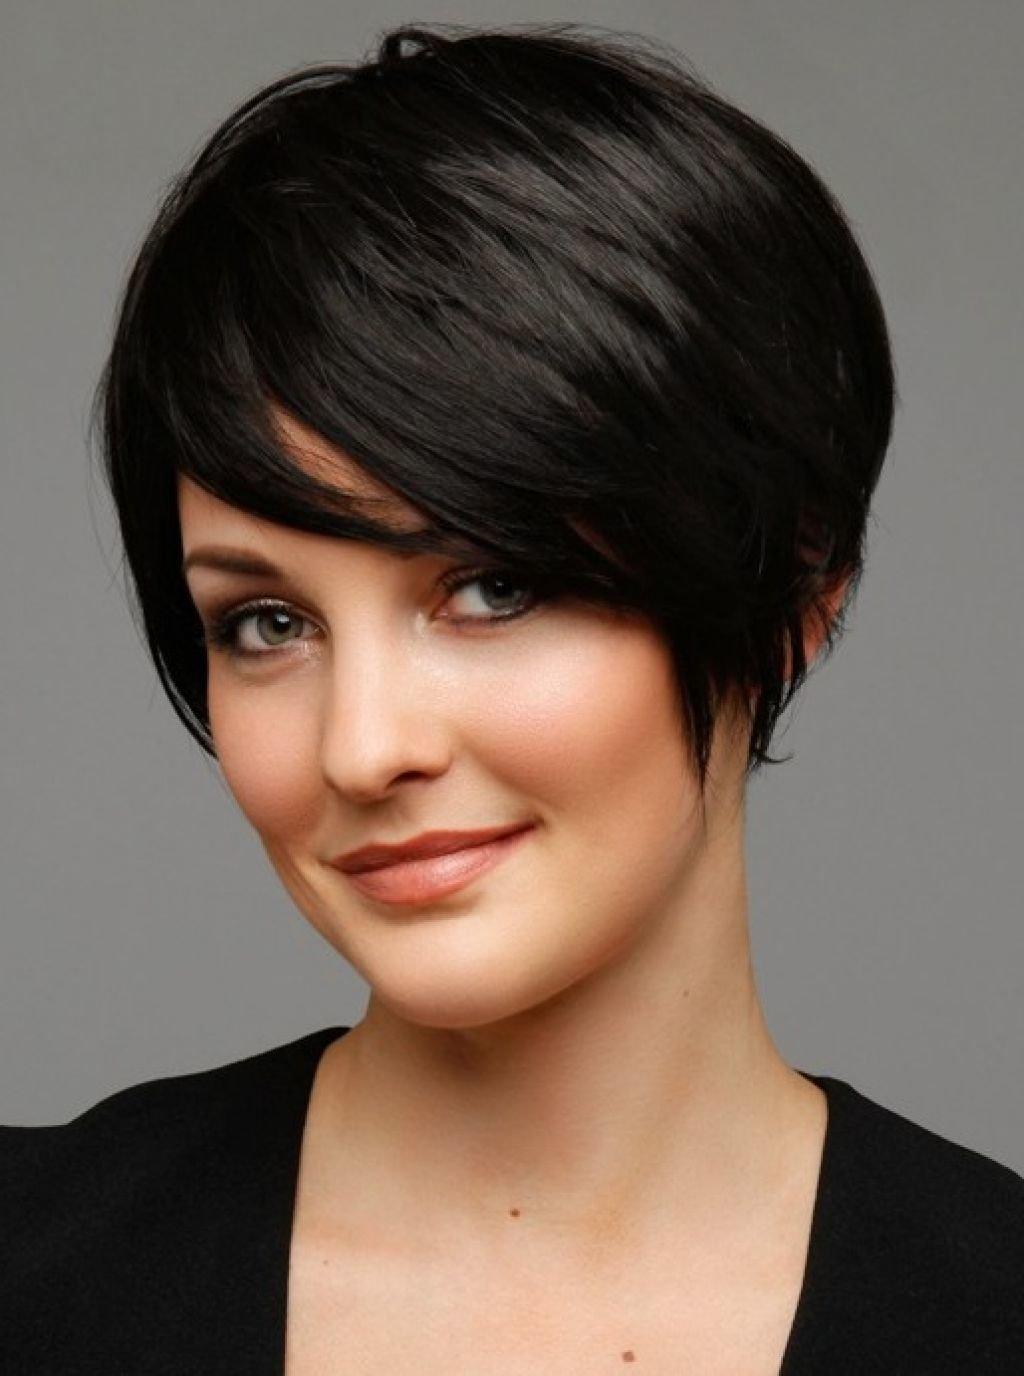 Стрижки на короткие волосы для вытянутого лица с челкой